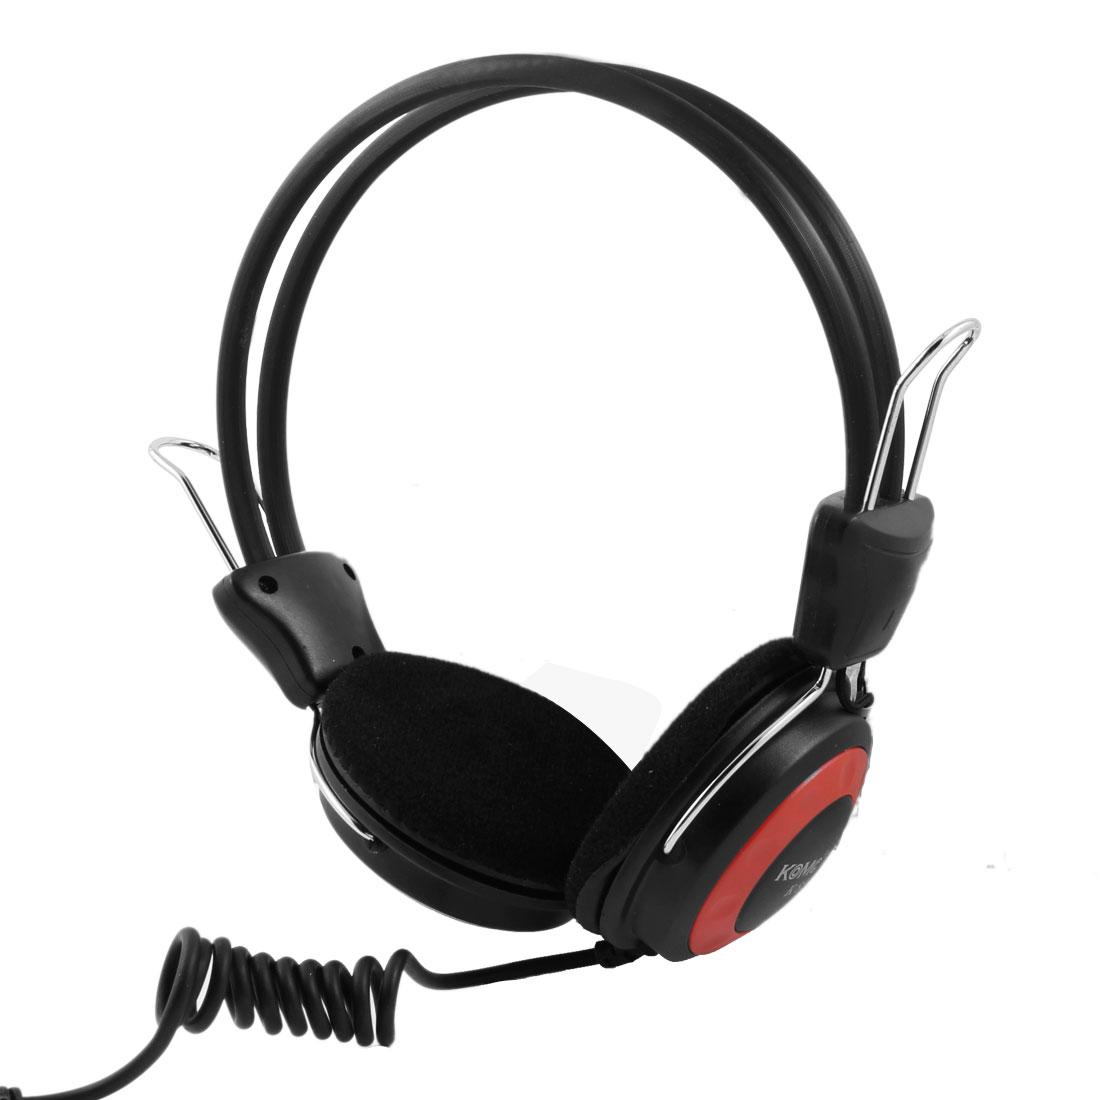 Black Red Sponge Padded Ear Cushion 3.5mm Stereo Headset Headphone w Microphone